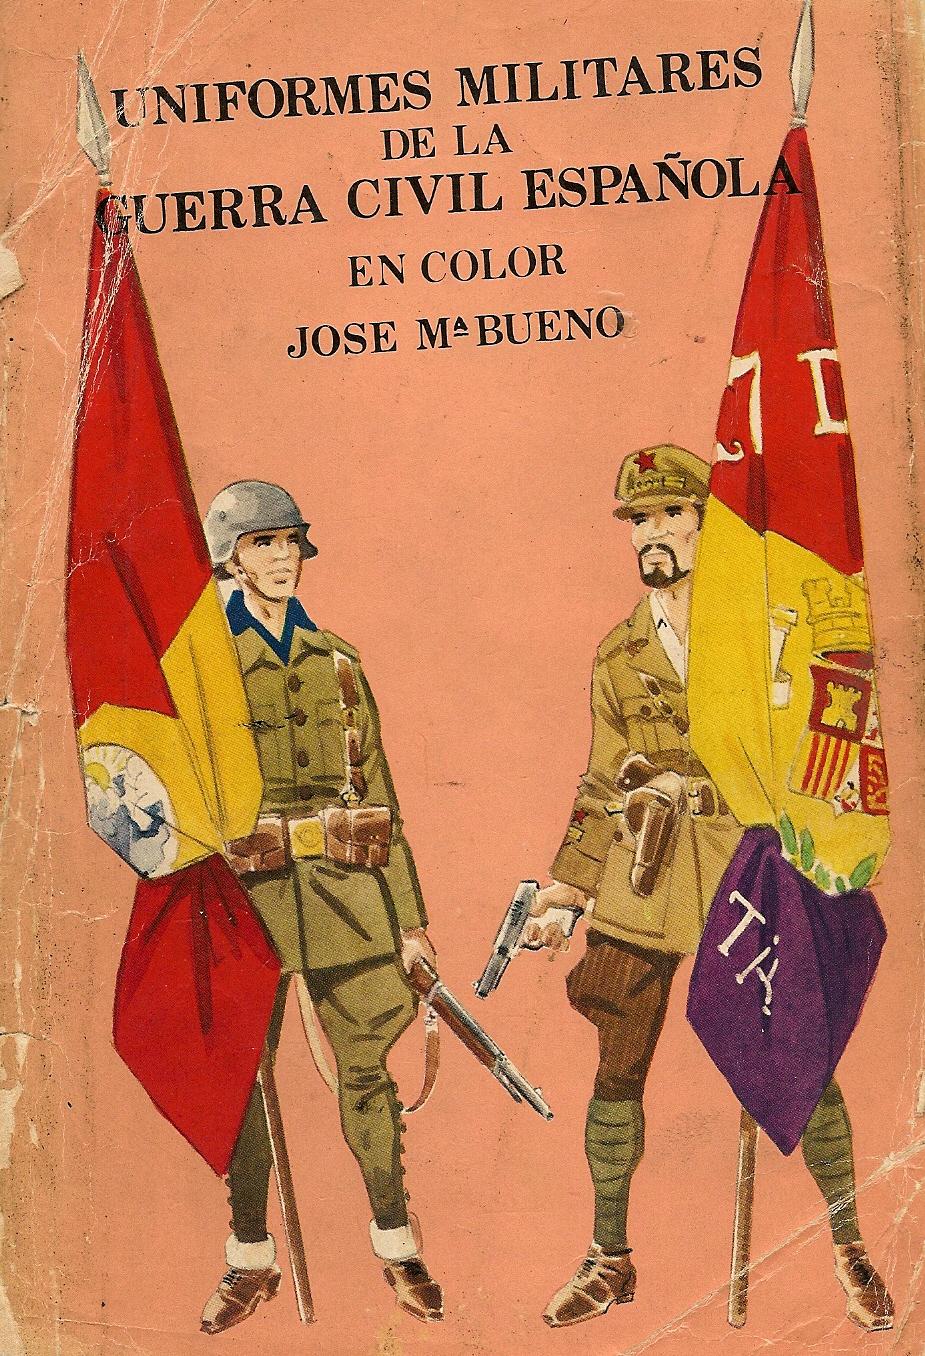 Uniformes de la Guerra Civil Española (1936-1939) | Historia Bélica